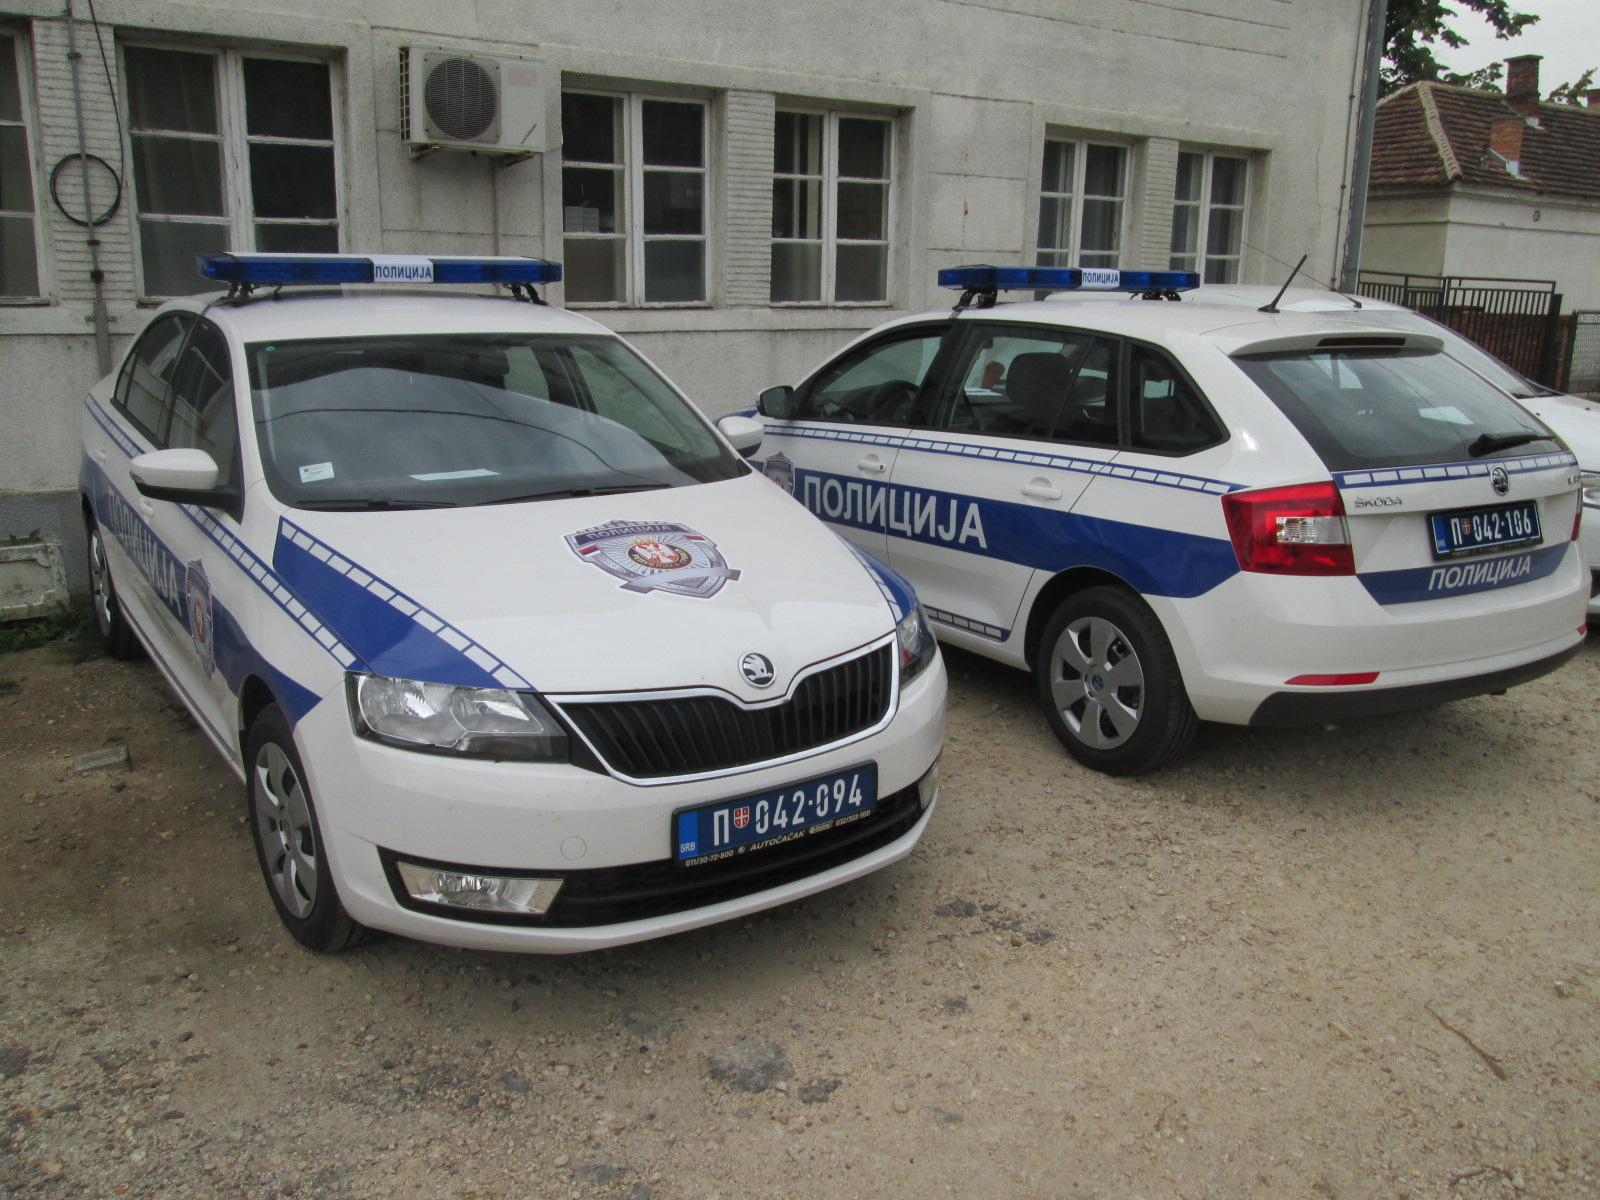 Нова возила за Полицијску станицу Кучево